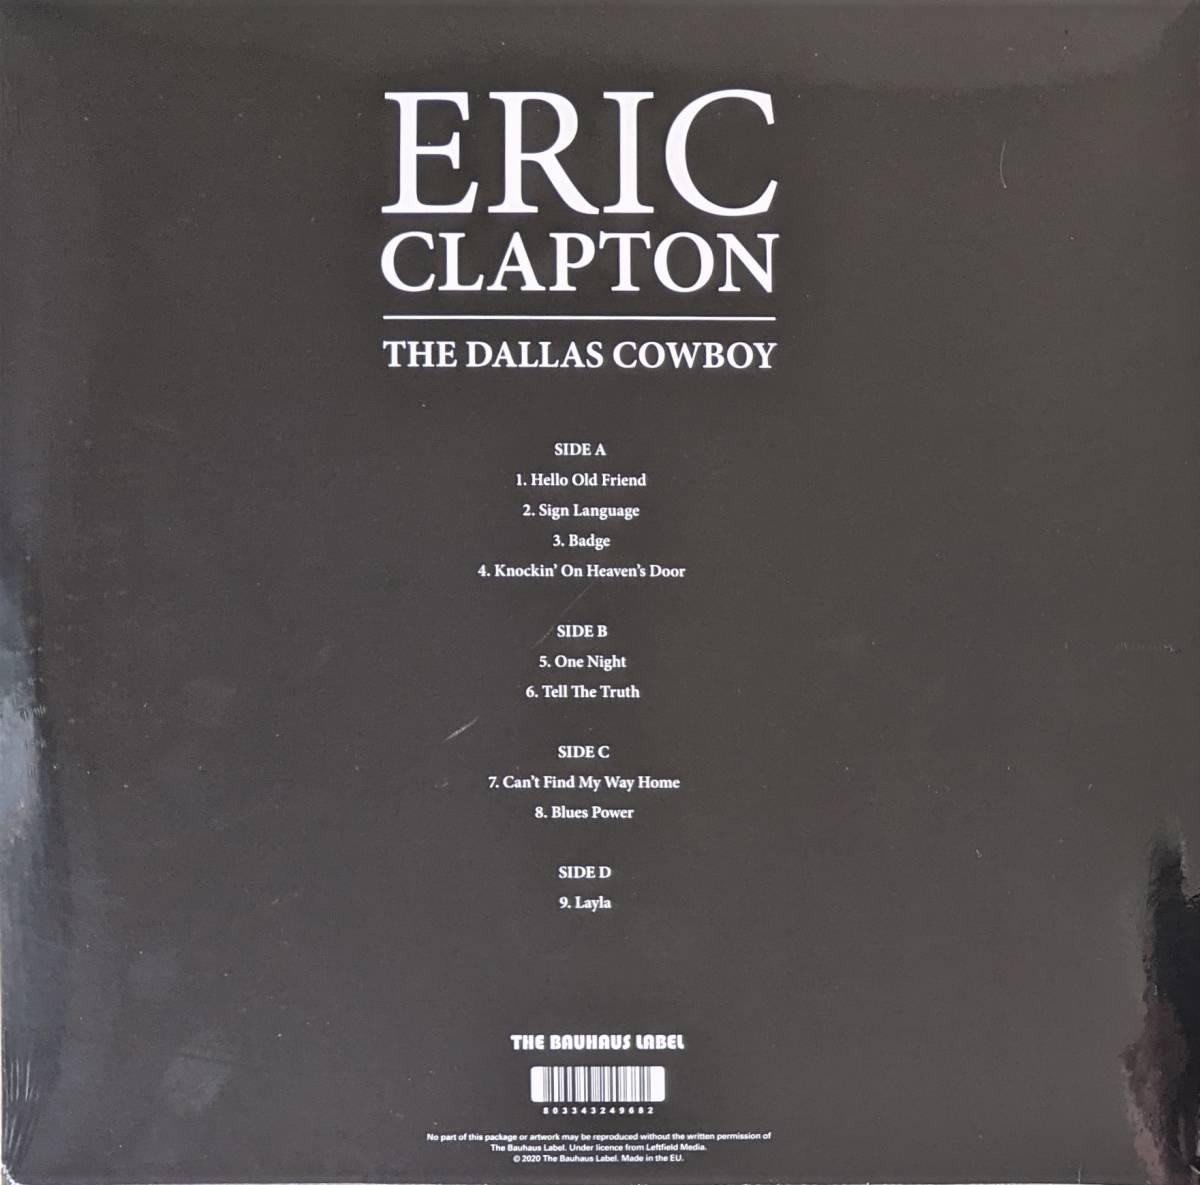 Eric Clapton エリック・クラプトン - The Dallas Cowboy 限定二枚組アナログ・レコード